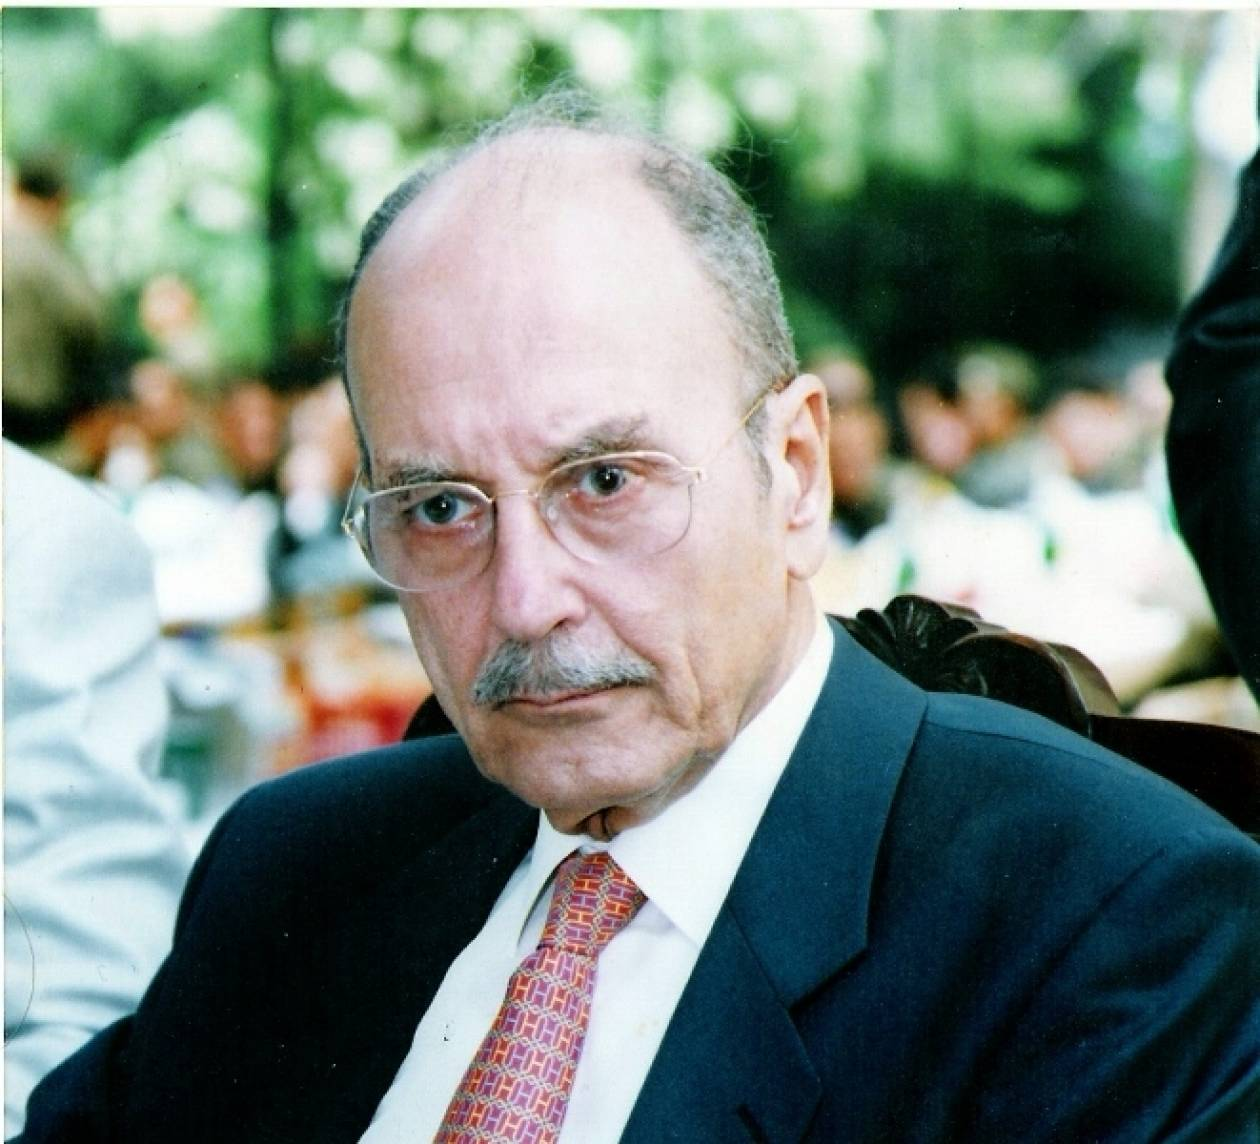 Στεφανόπουλος: Πέντε μέρες για να πουν ένα όνομα